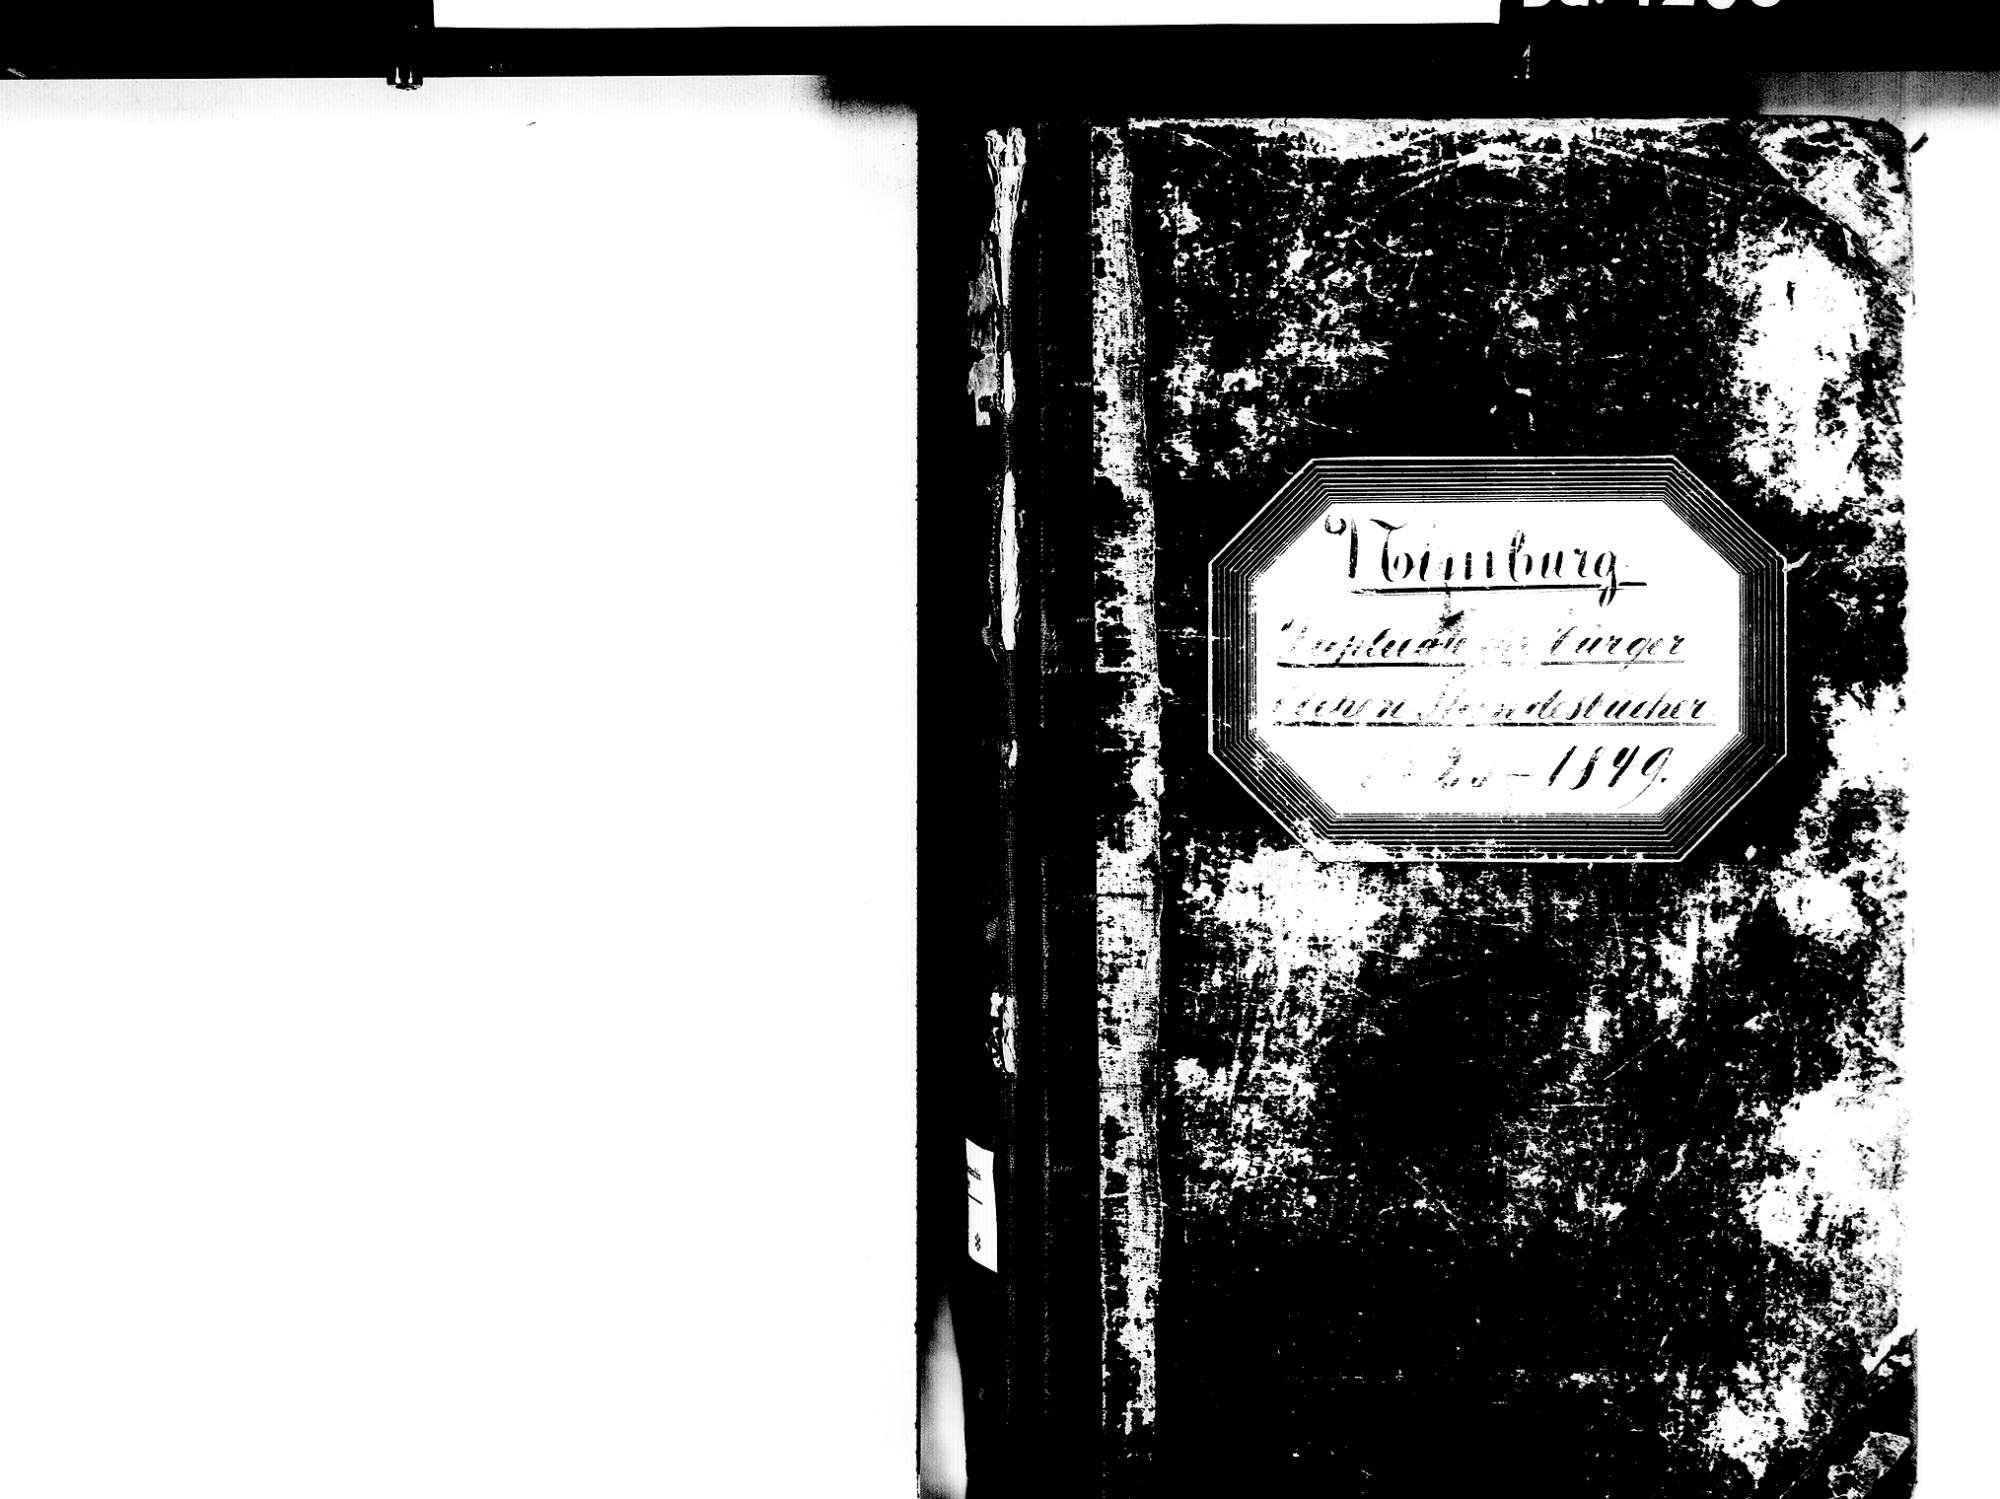 Nimburg, Teningen EM; Evangelische Gemeinde: Standesbuch 1823-1849 Enthält: Einzelne Katholische Einträge, Bild 2